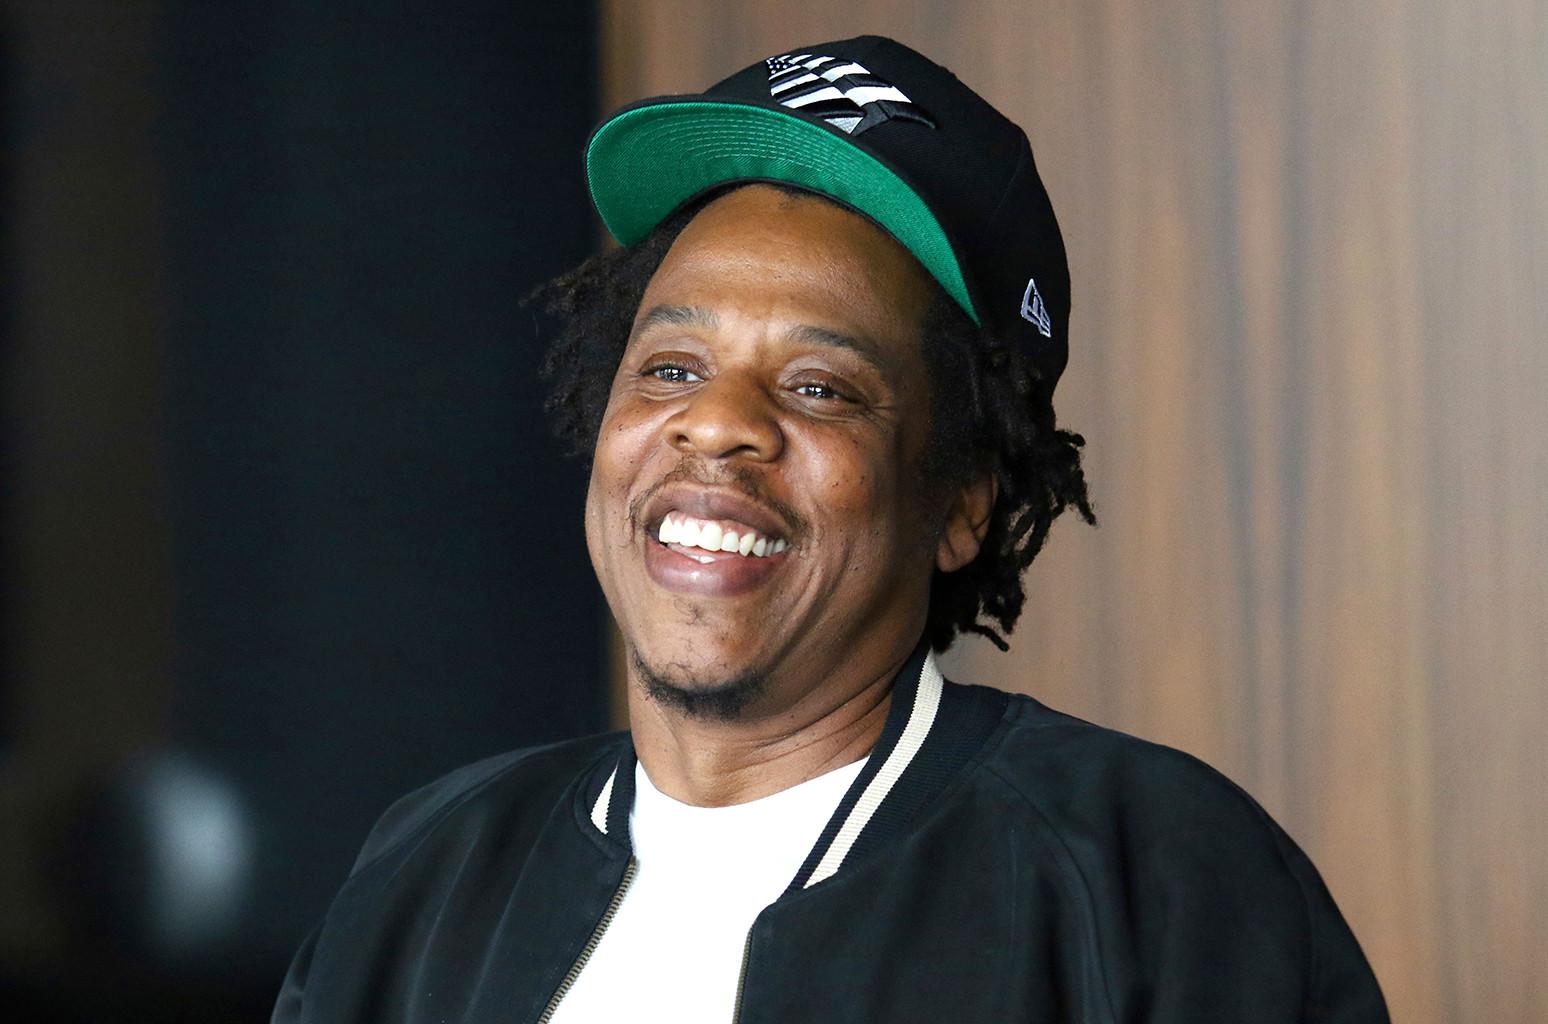 Jay-Z и D'usse выставят на аукцион редкую бутылку коньяка в пользу фонда Шона Картера